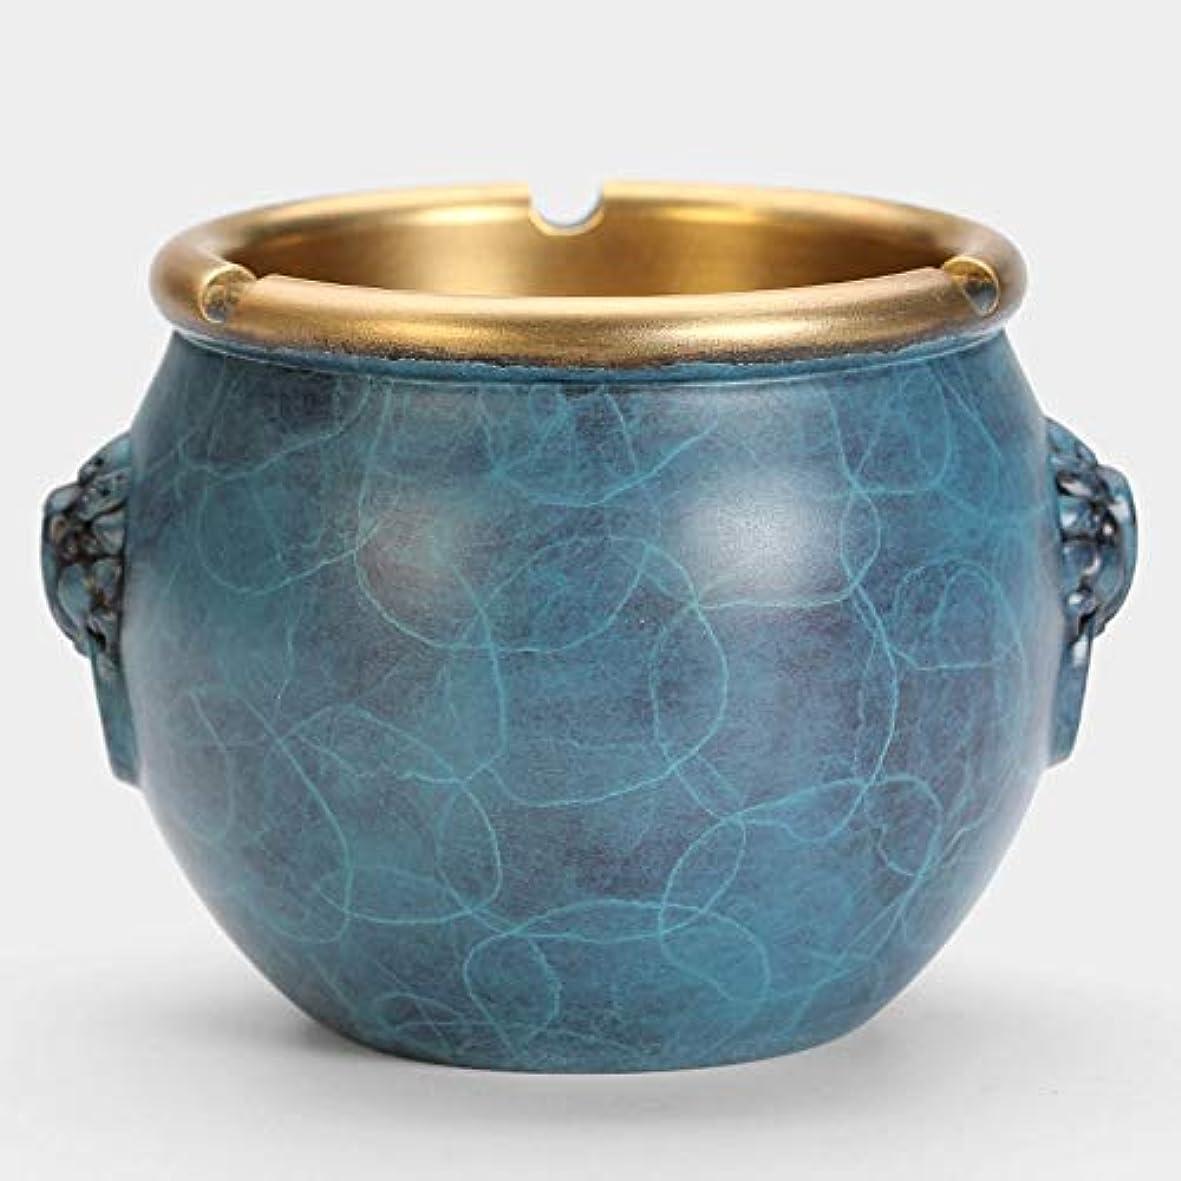 重力好奇心盛ノート灰皿クリエイティブ純銅灰皿 (色 : 青)